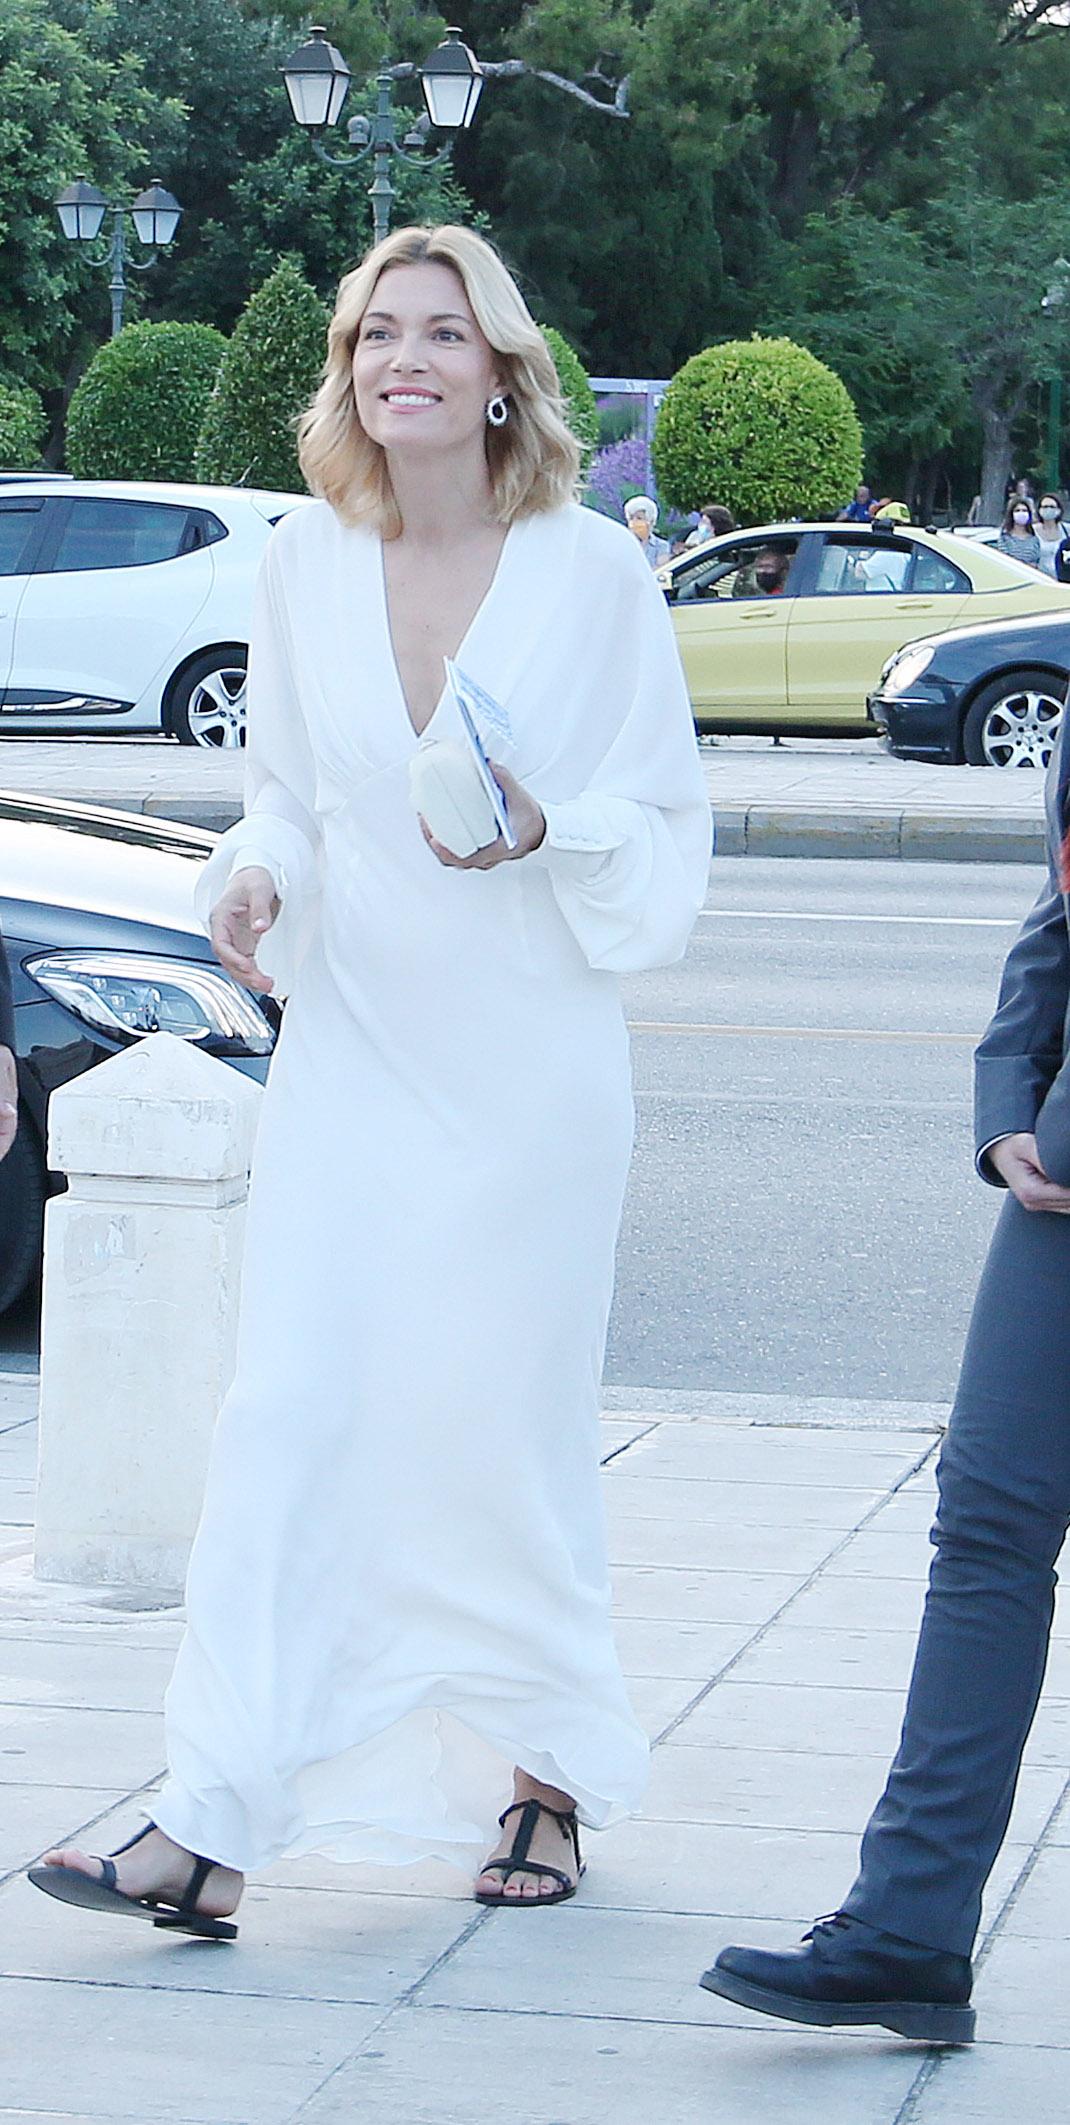 Απλά υπέροχη: Η λιτή και φινετσάτη εμφάνιση της Βίκυς Καγιά στο show του Dior! (εικόνες)